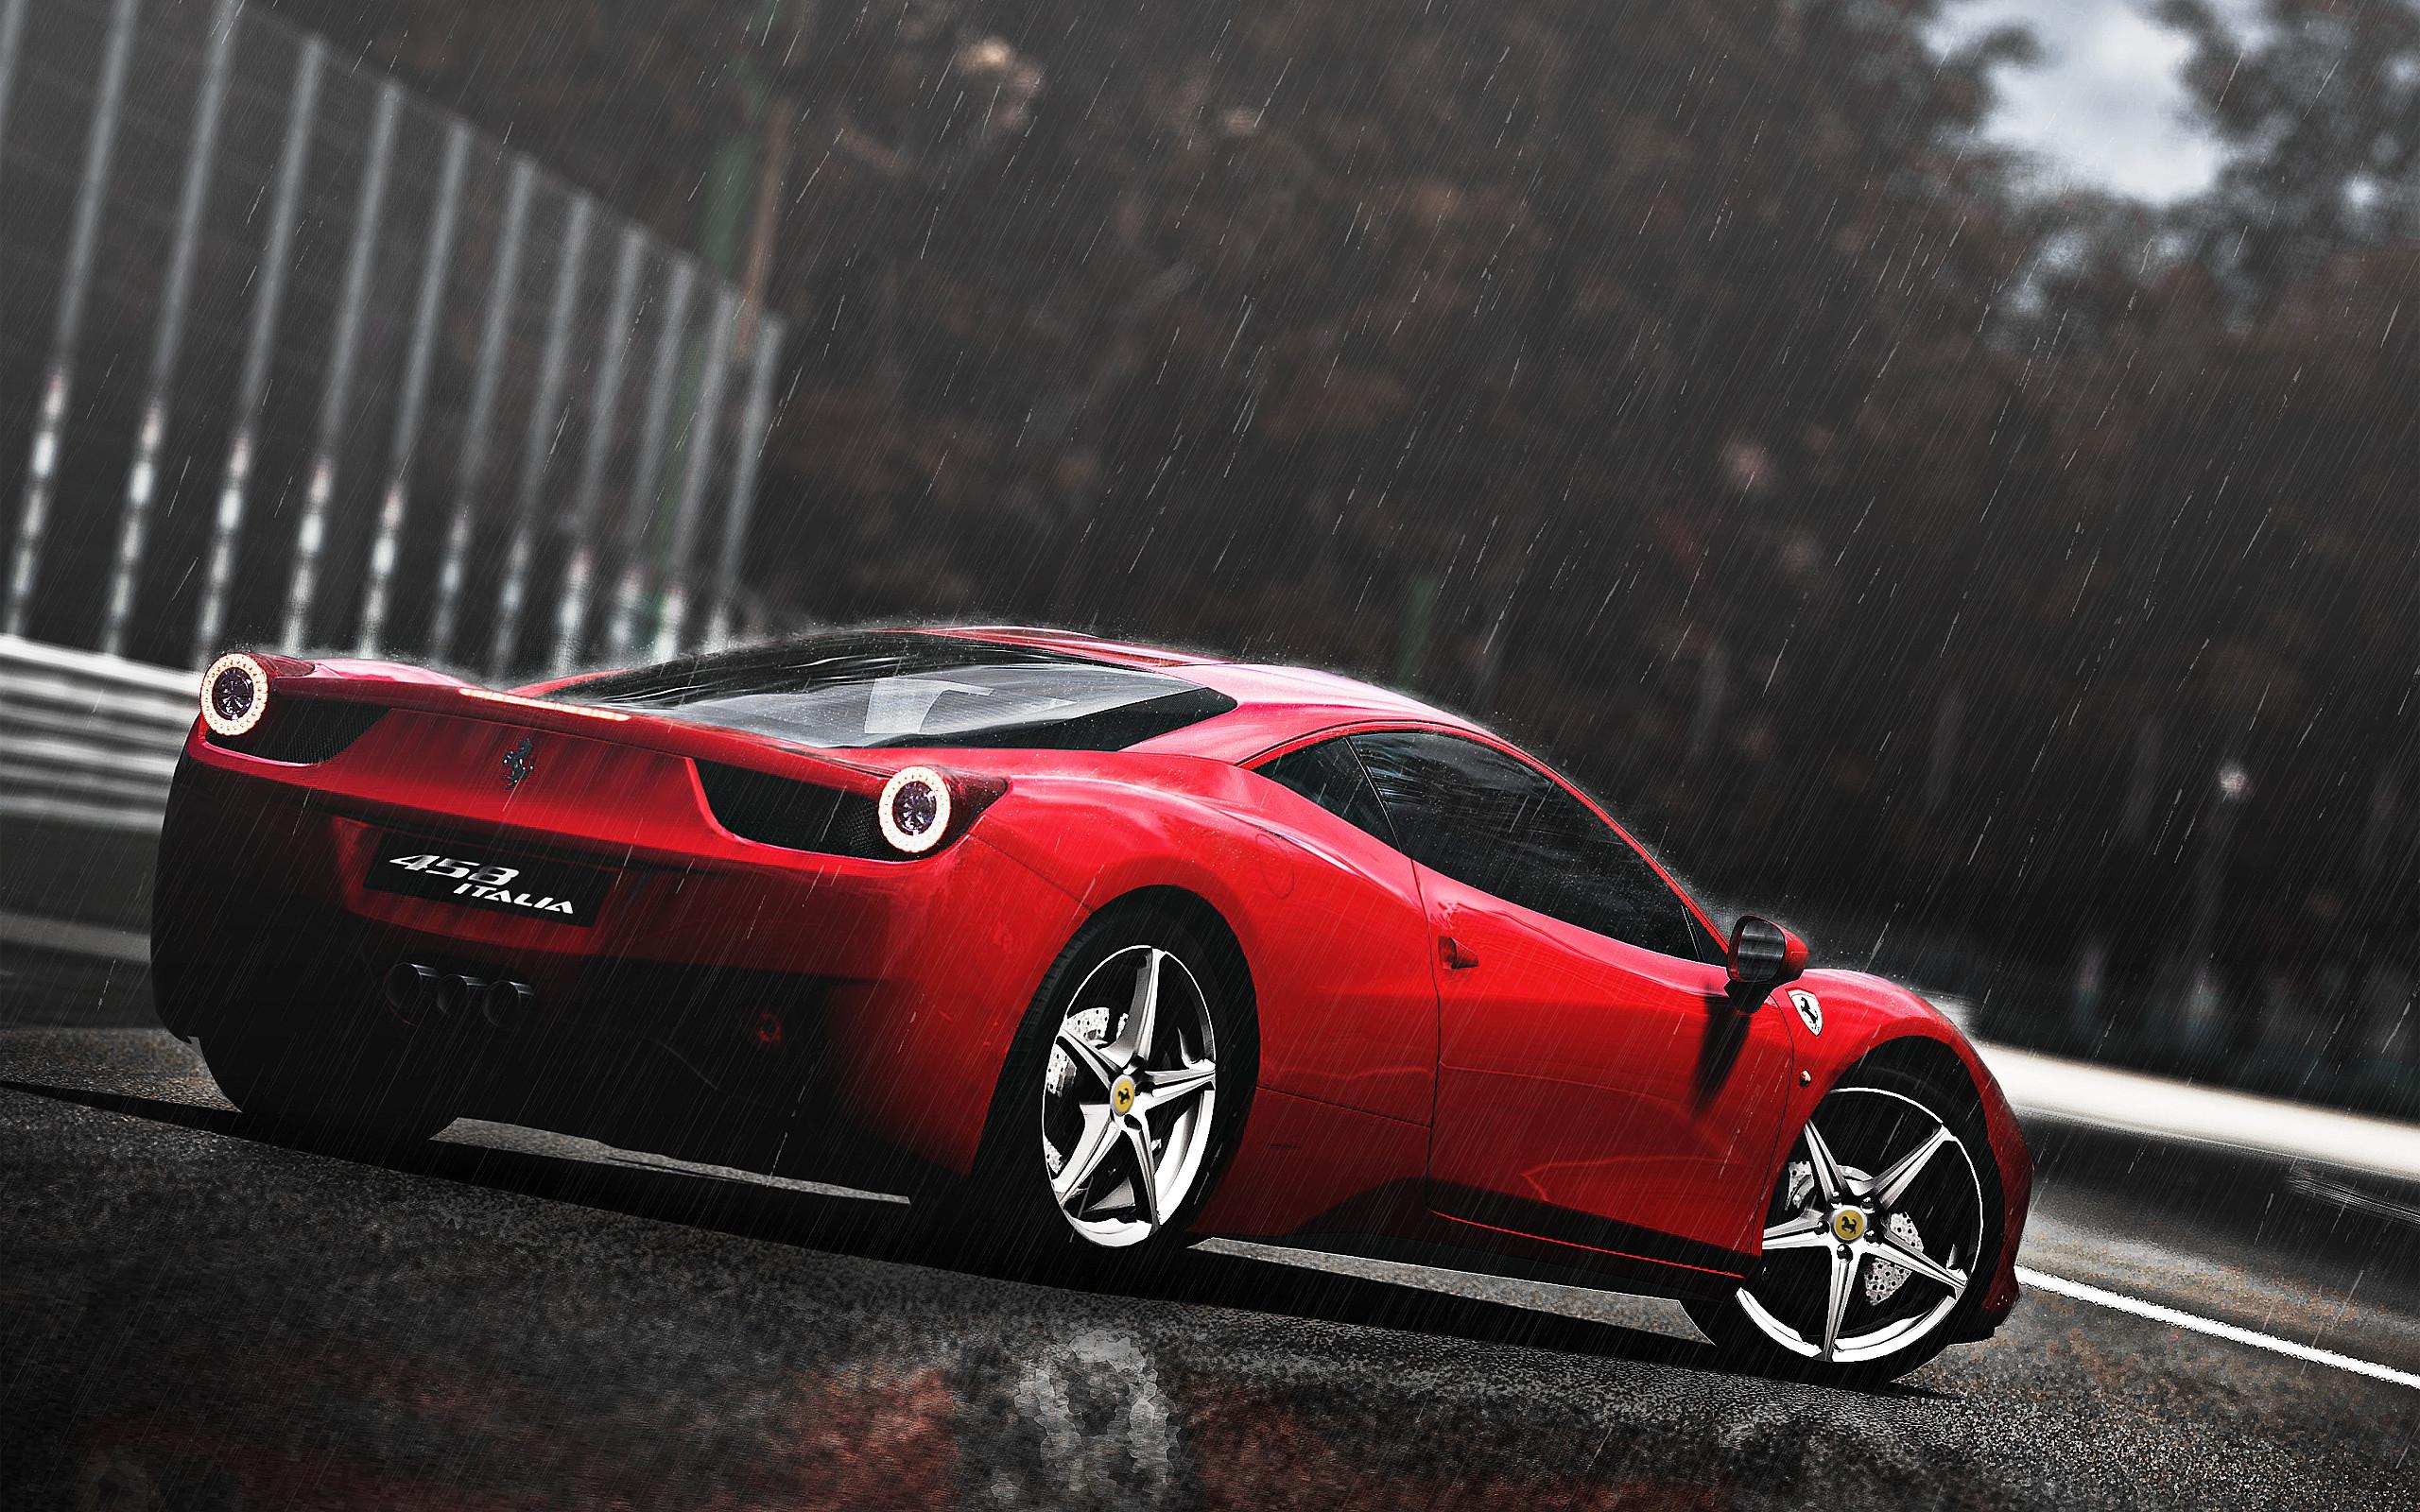 Ferrari 458 Italia Hd Wallpaper 83 Images